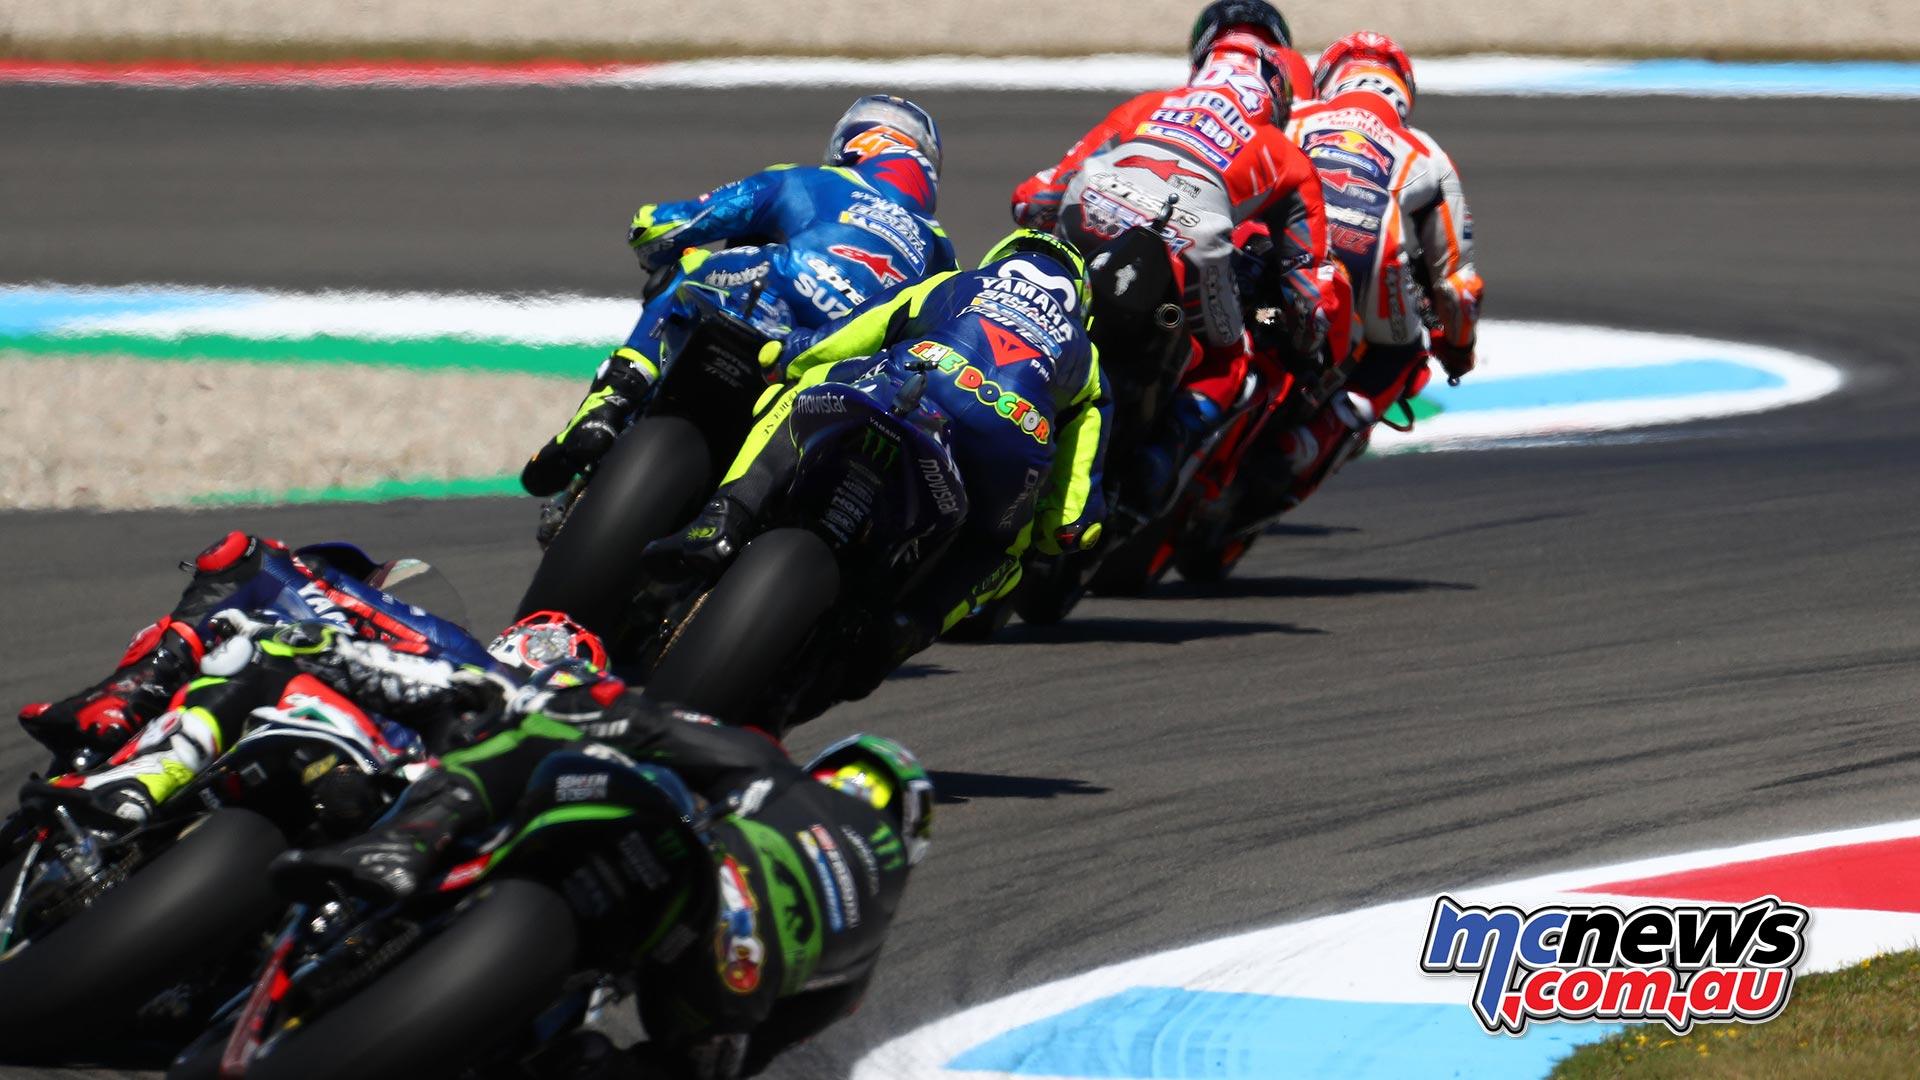 MotoGP Riders reflect on Assen Dutch TT Thriller   MCNews.com.au